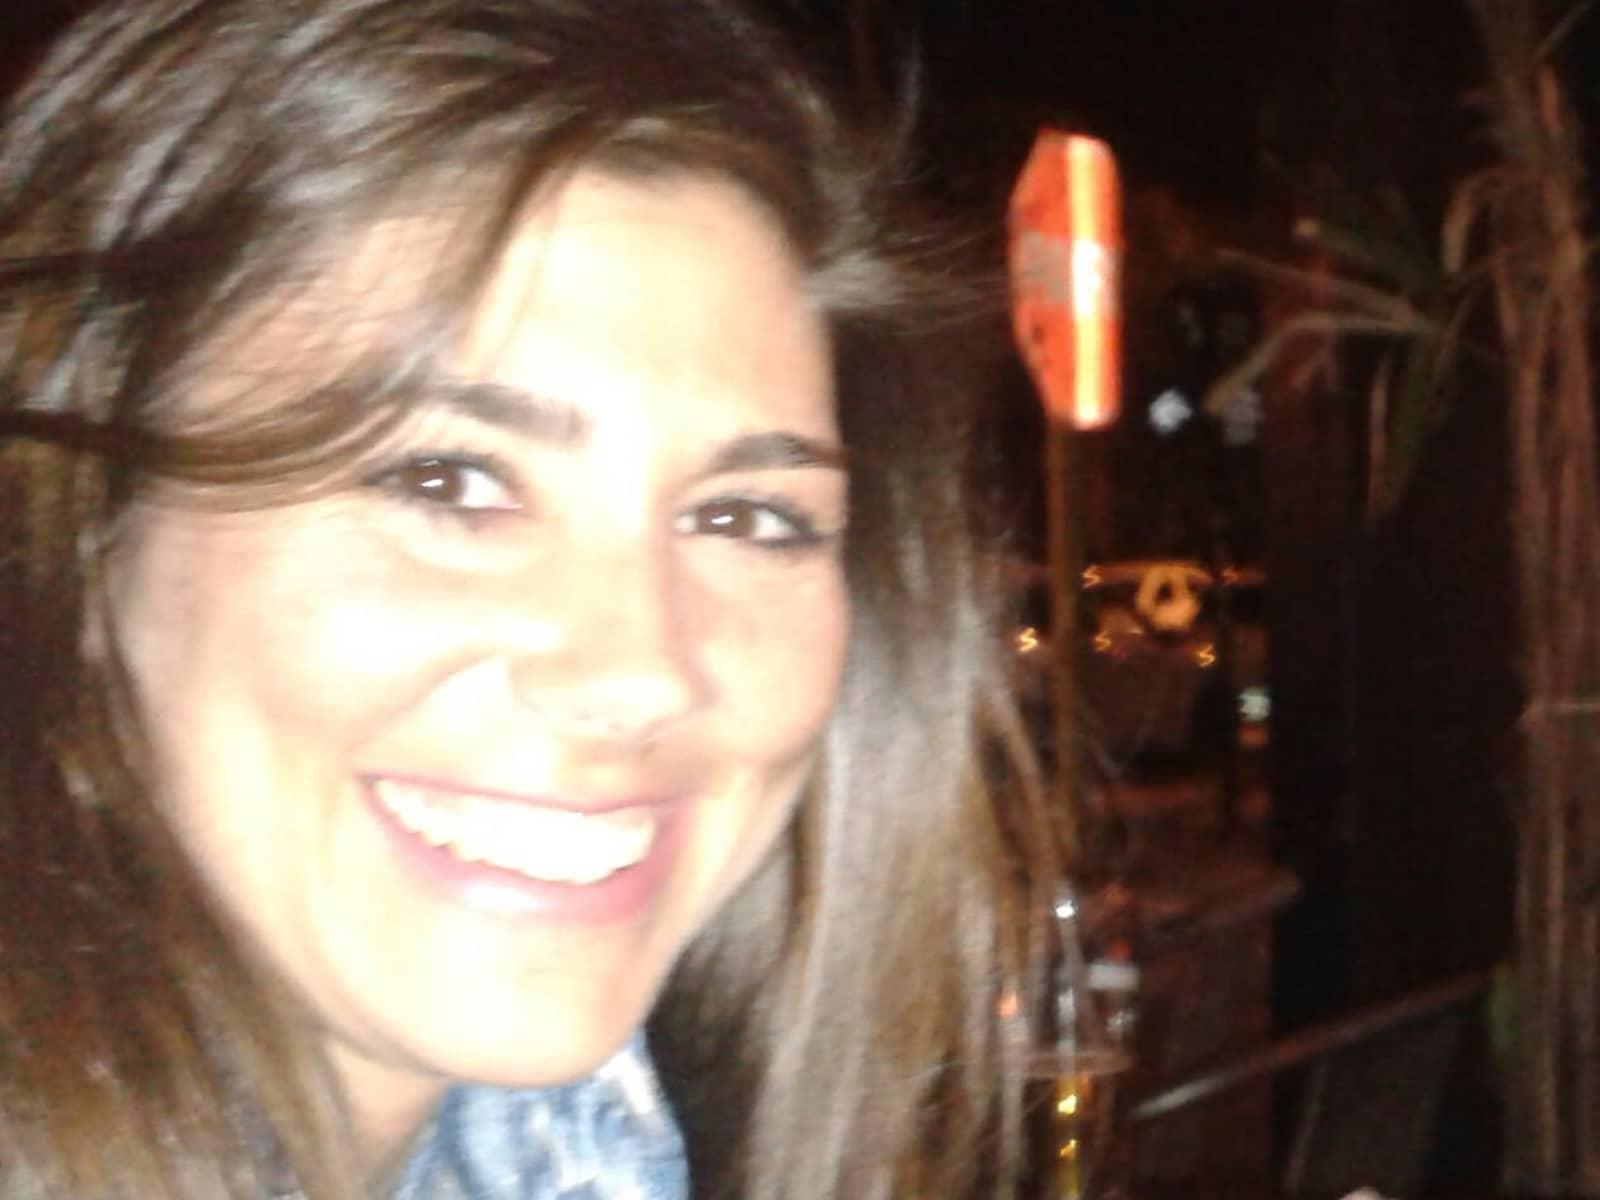 Tatiana from Córdoba, Argentina